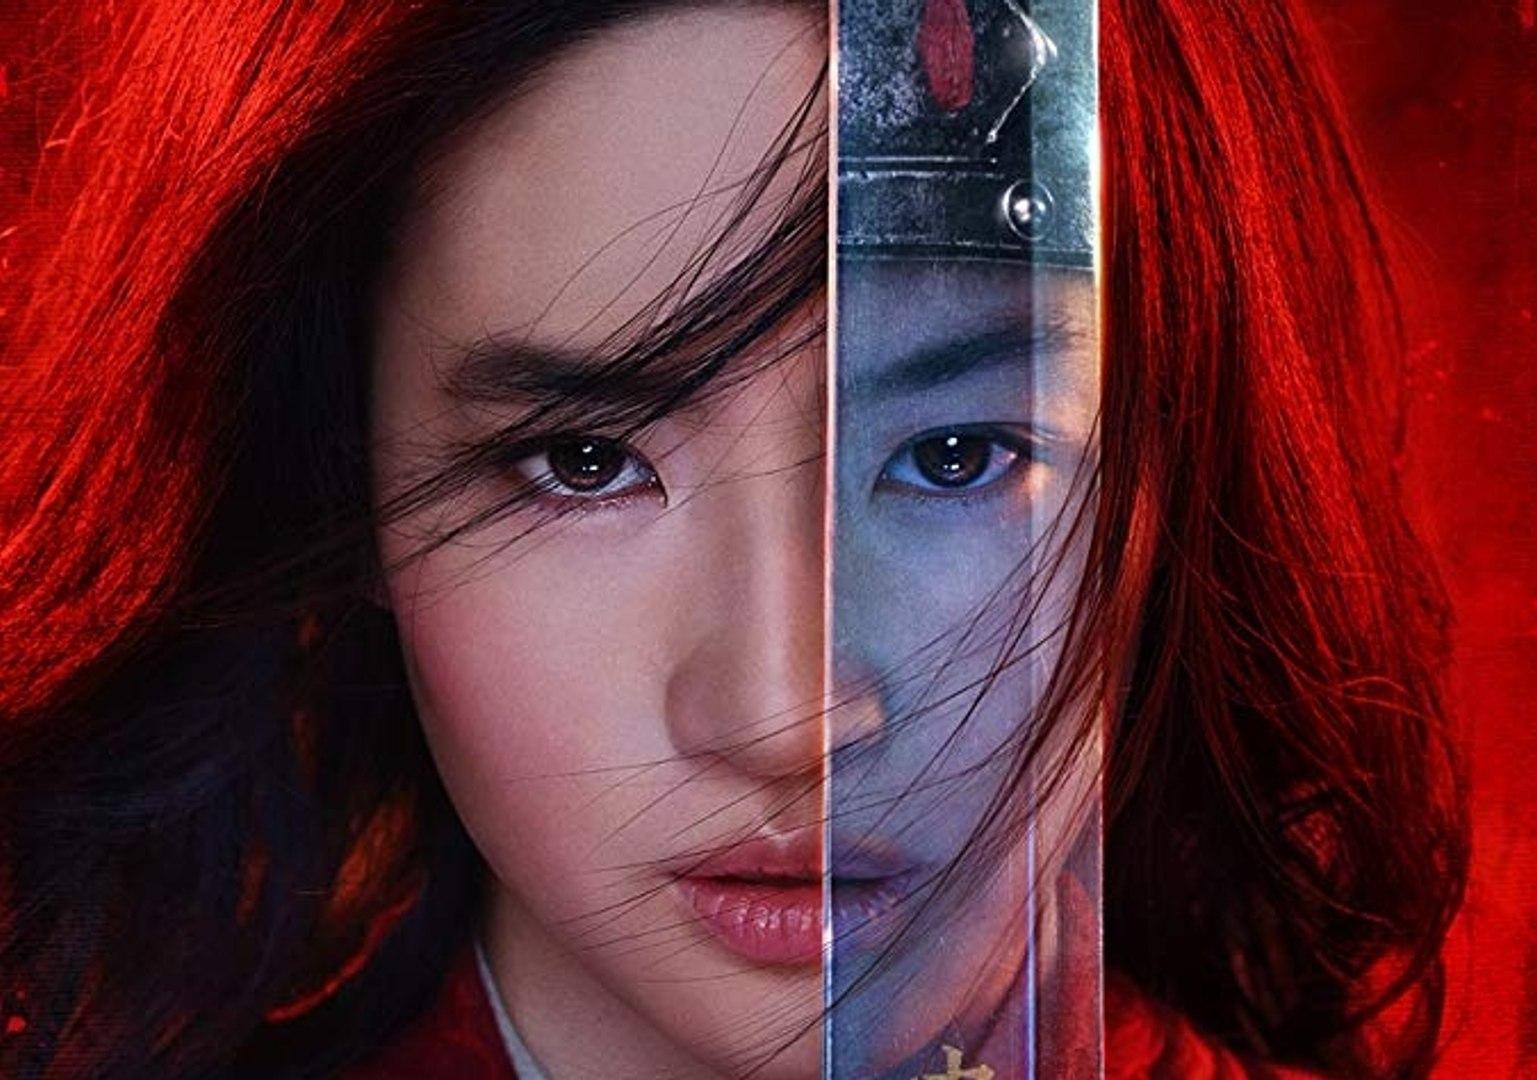 영화 뮬란  - Mulan